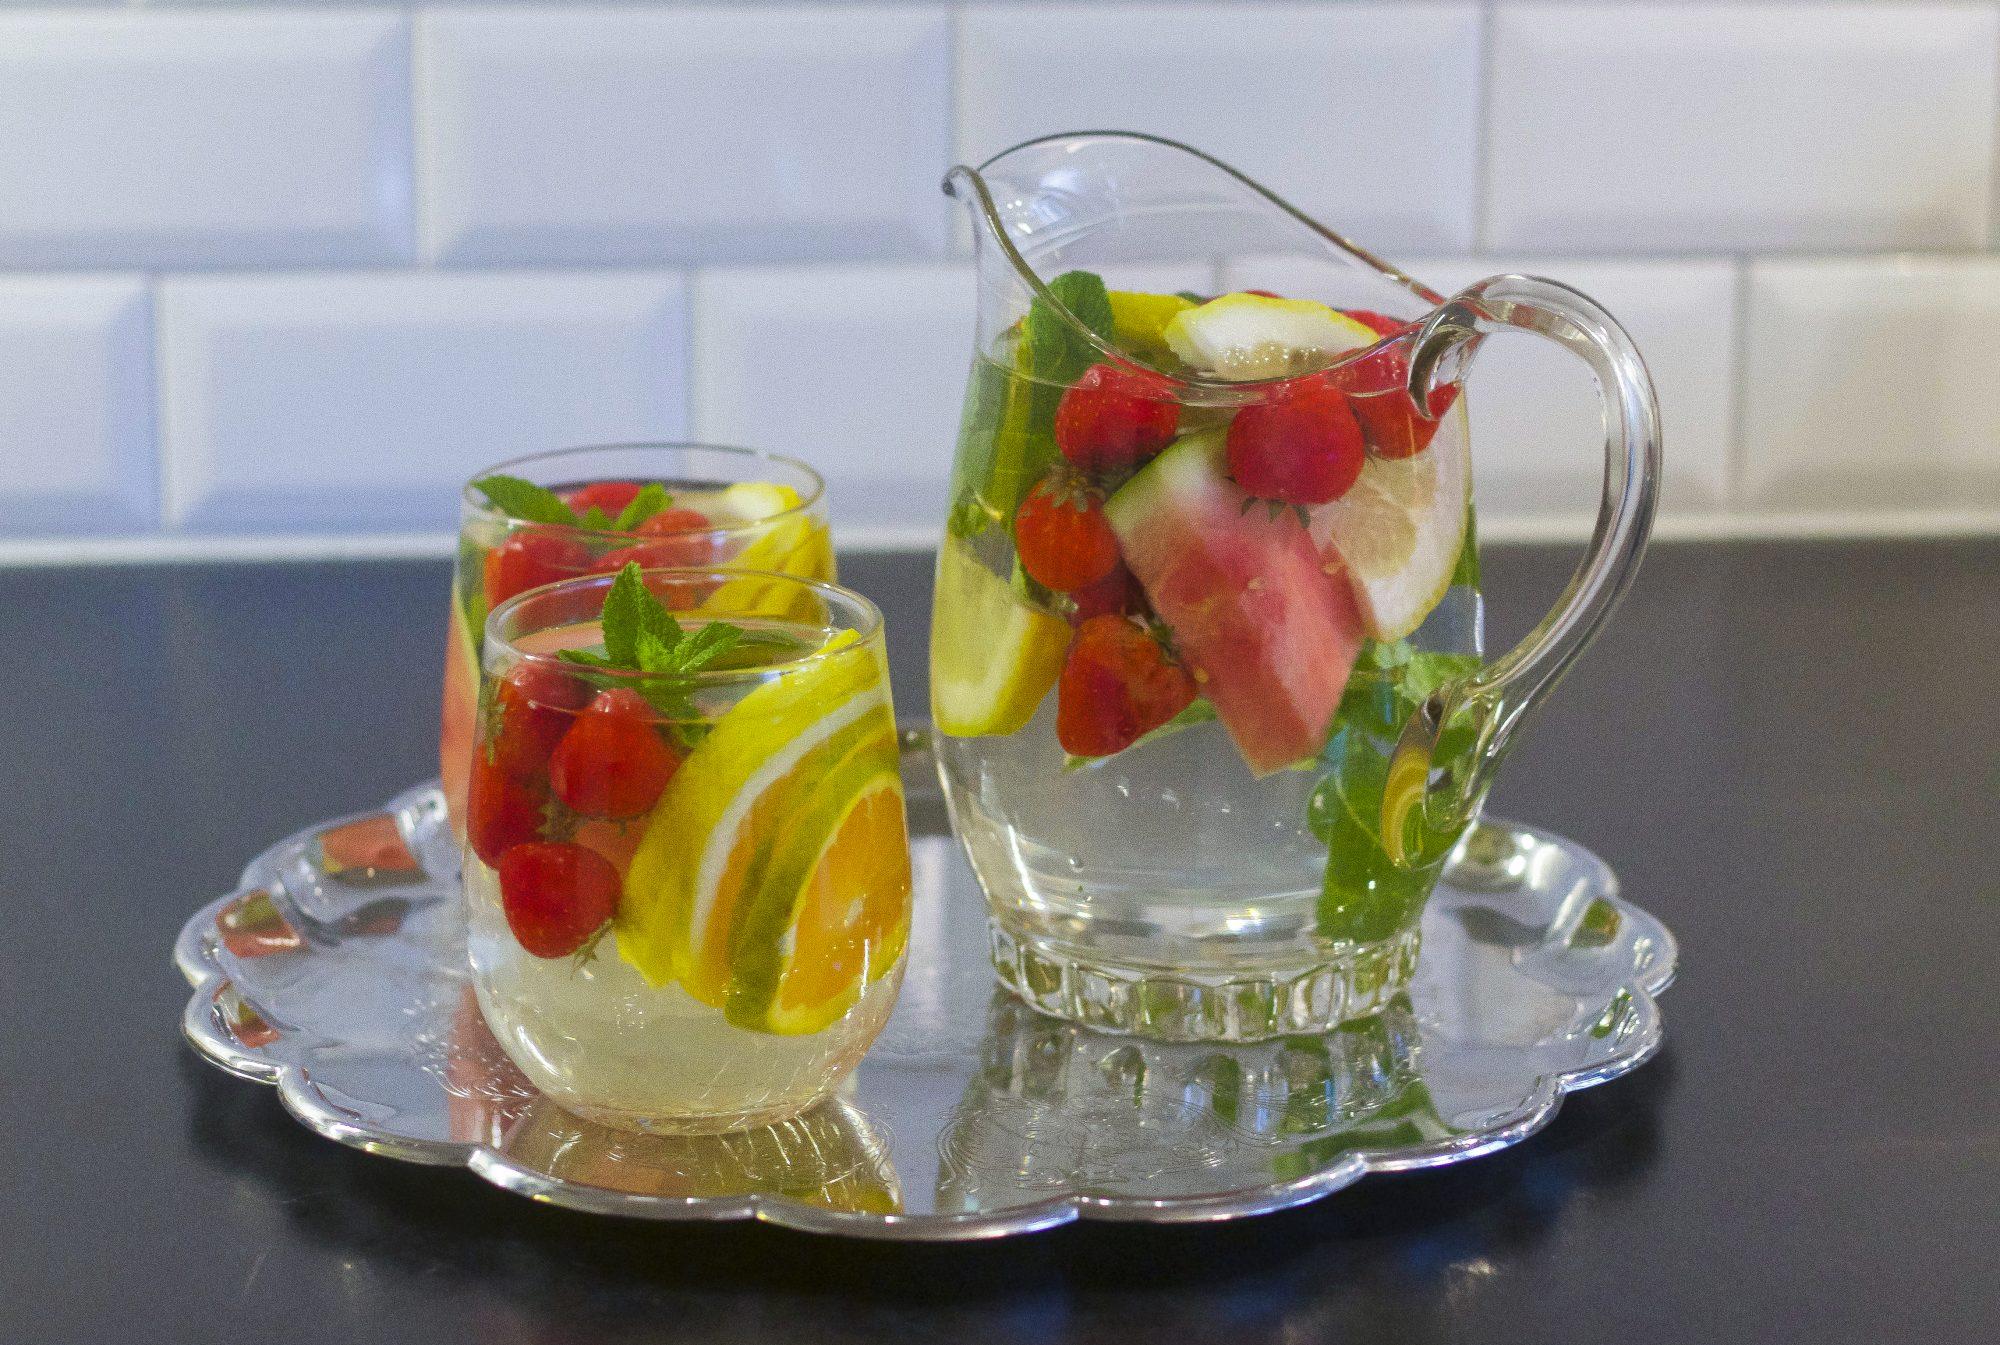 vatten smakar sött